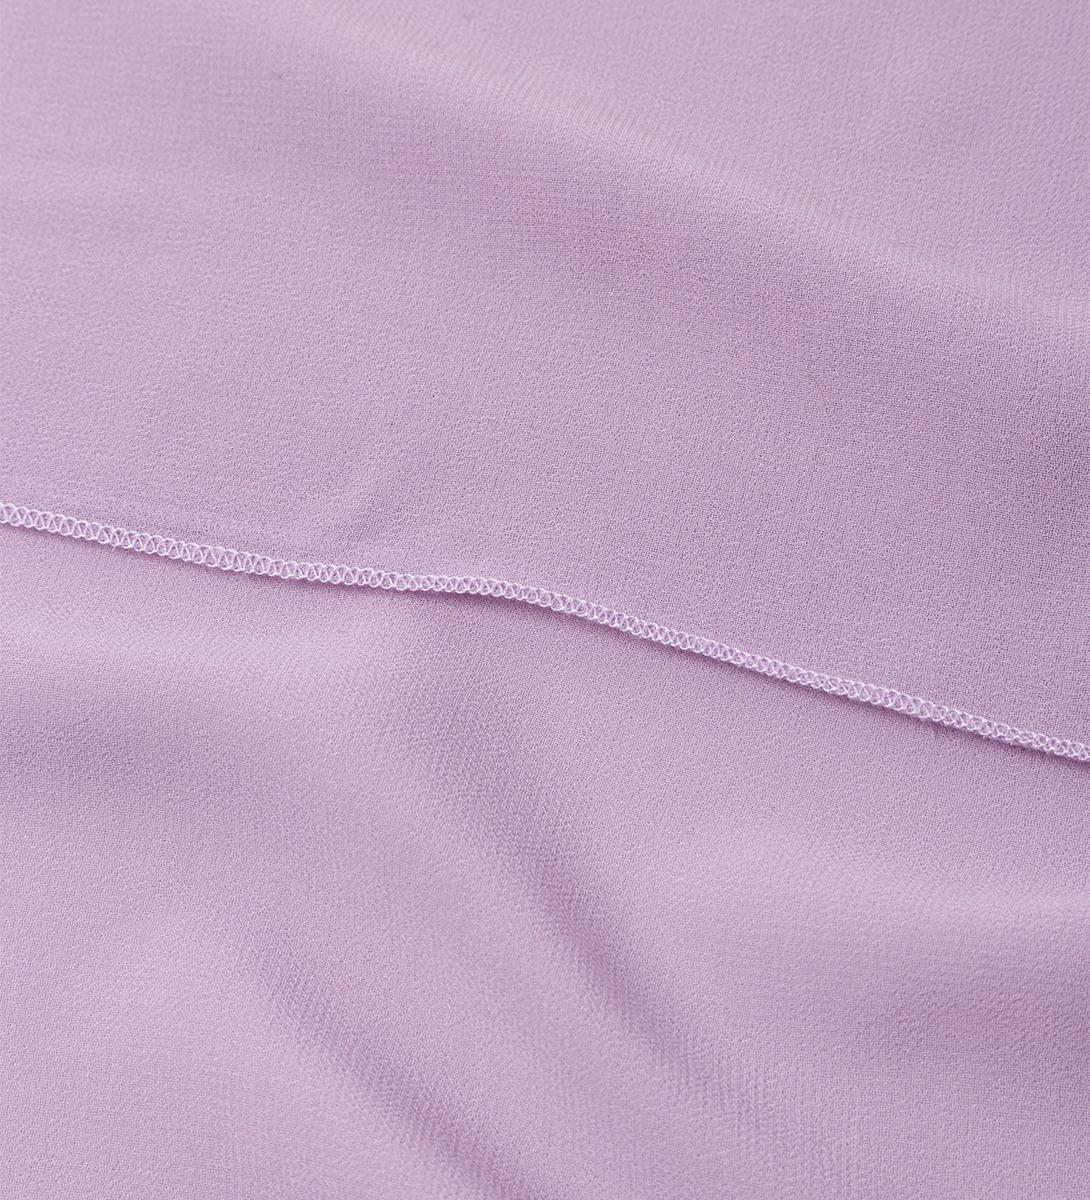 Tuch in unifarbener Optik in lavender